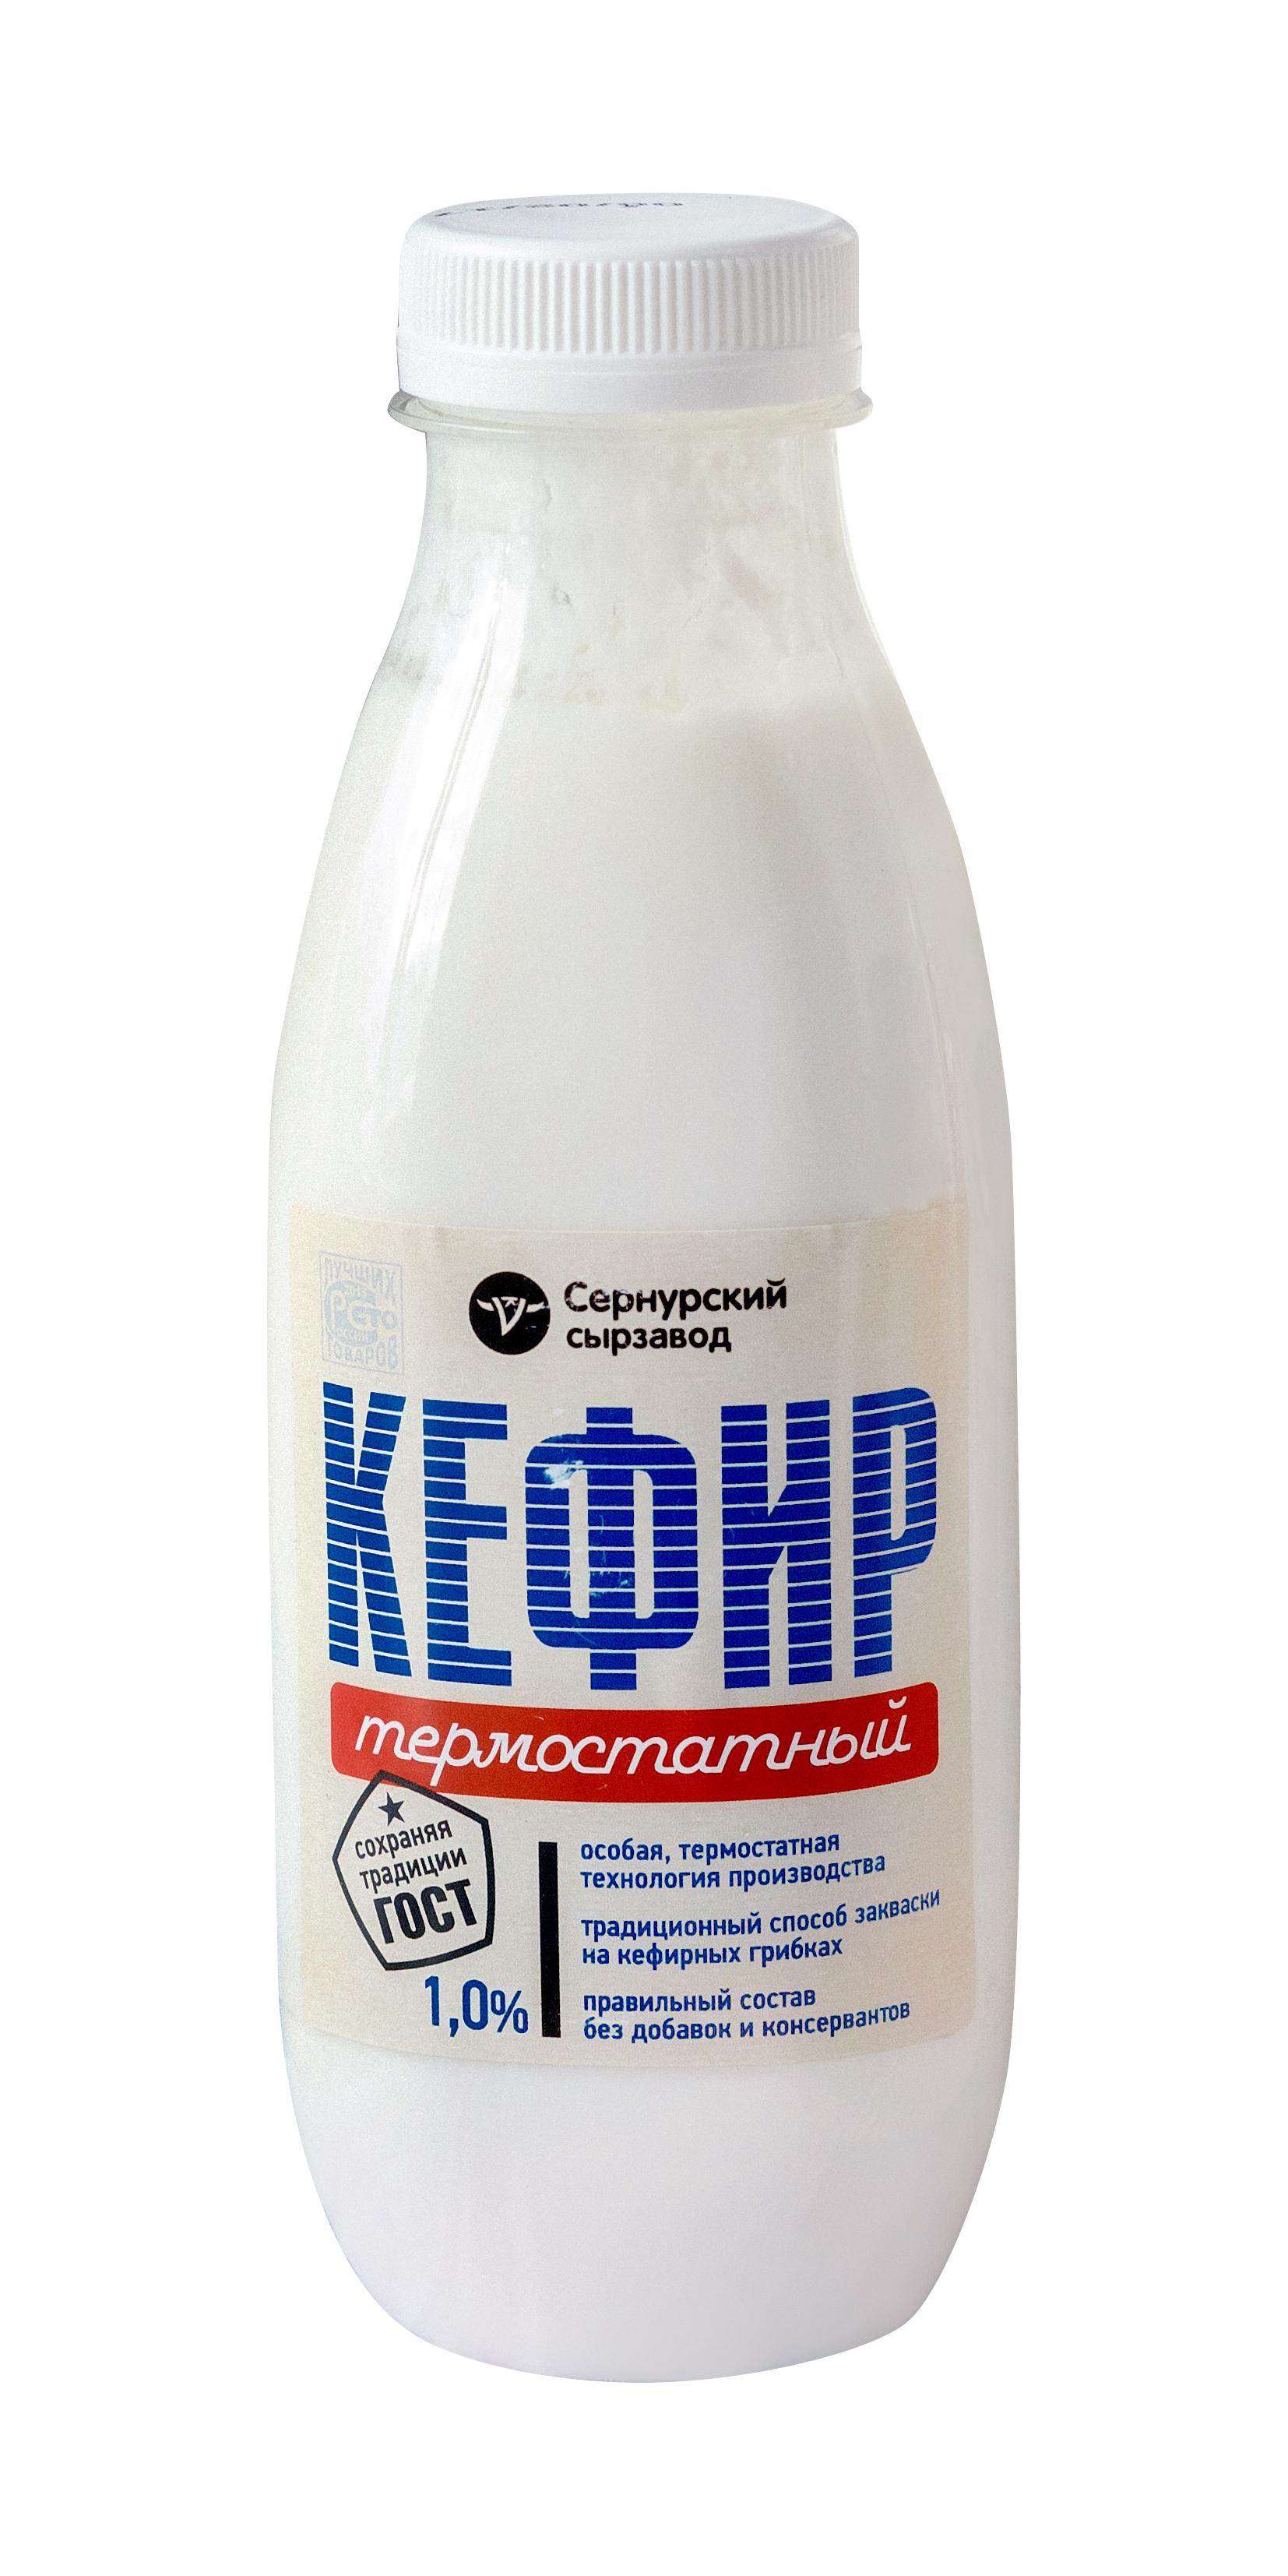 Сернурский Сырзавод Кефир термостатный 1%, 450 г мистраль фасоль белая пестрая черный глаз 450 г